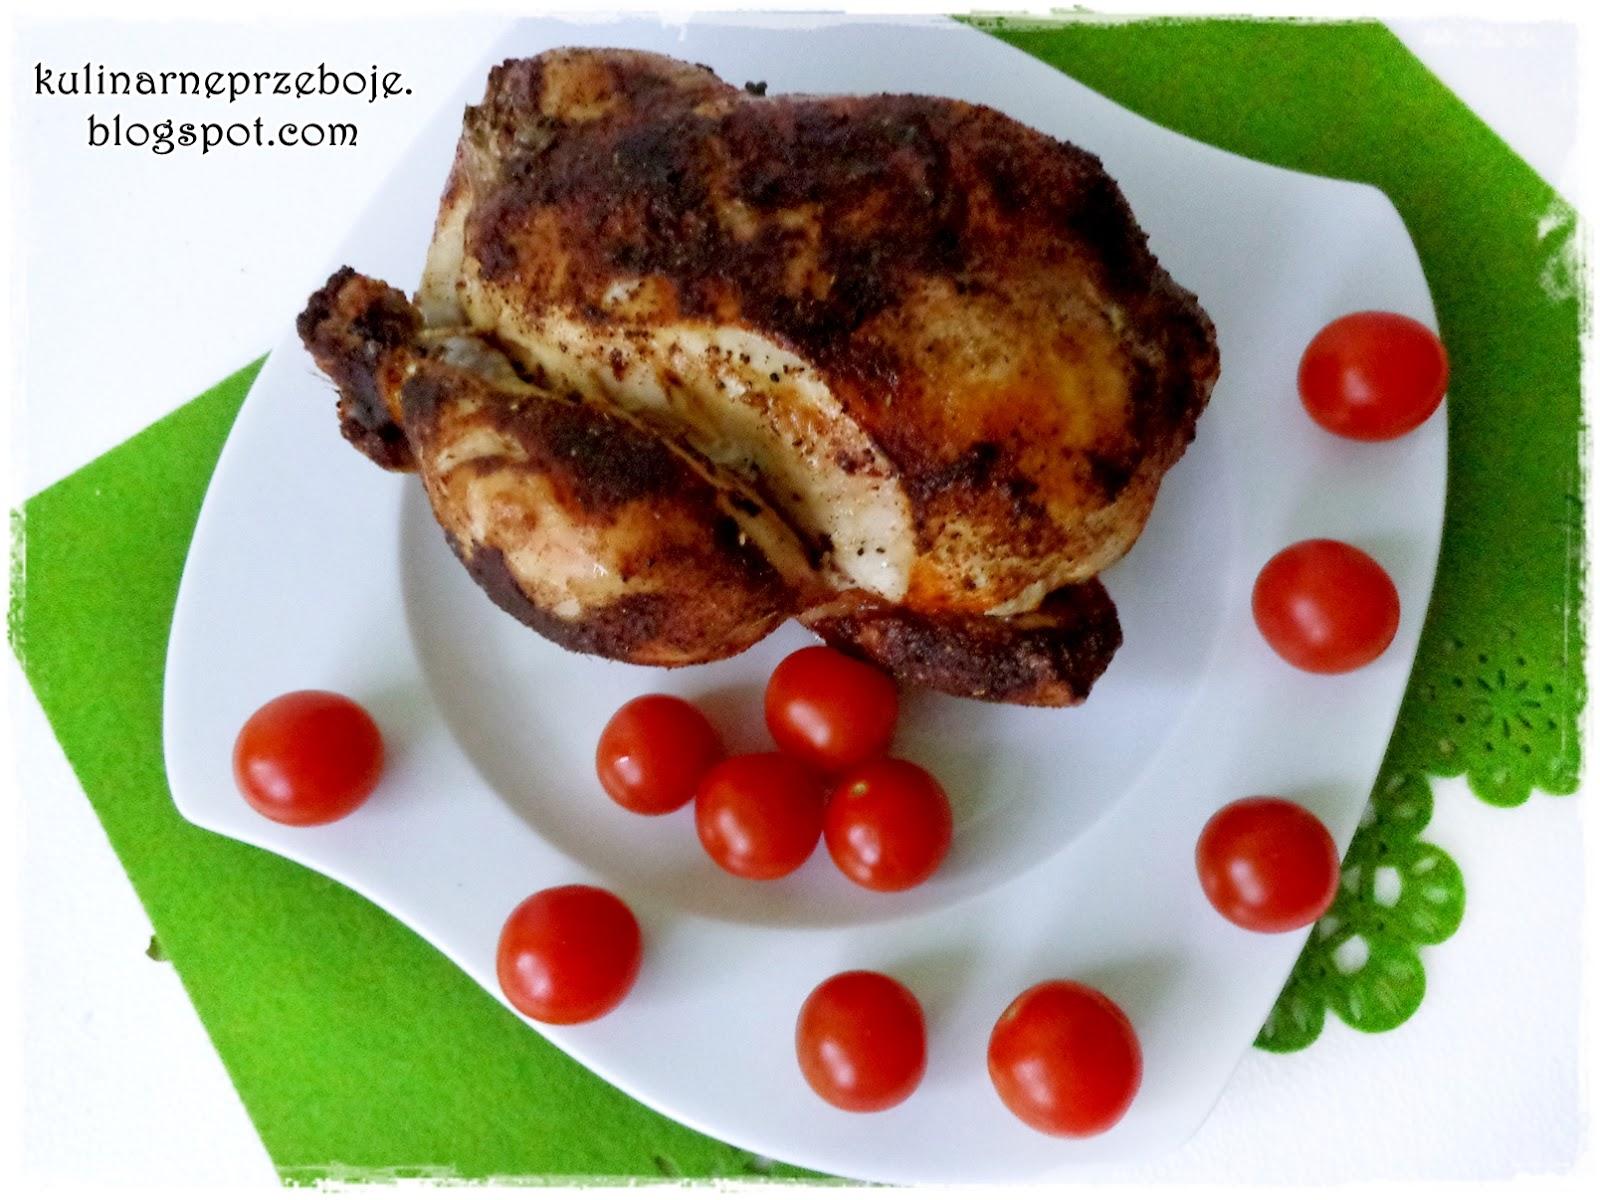 Kurczak po prowansalsku